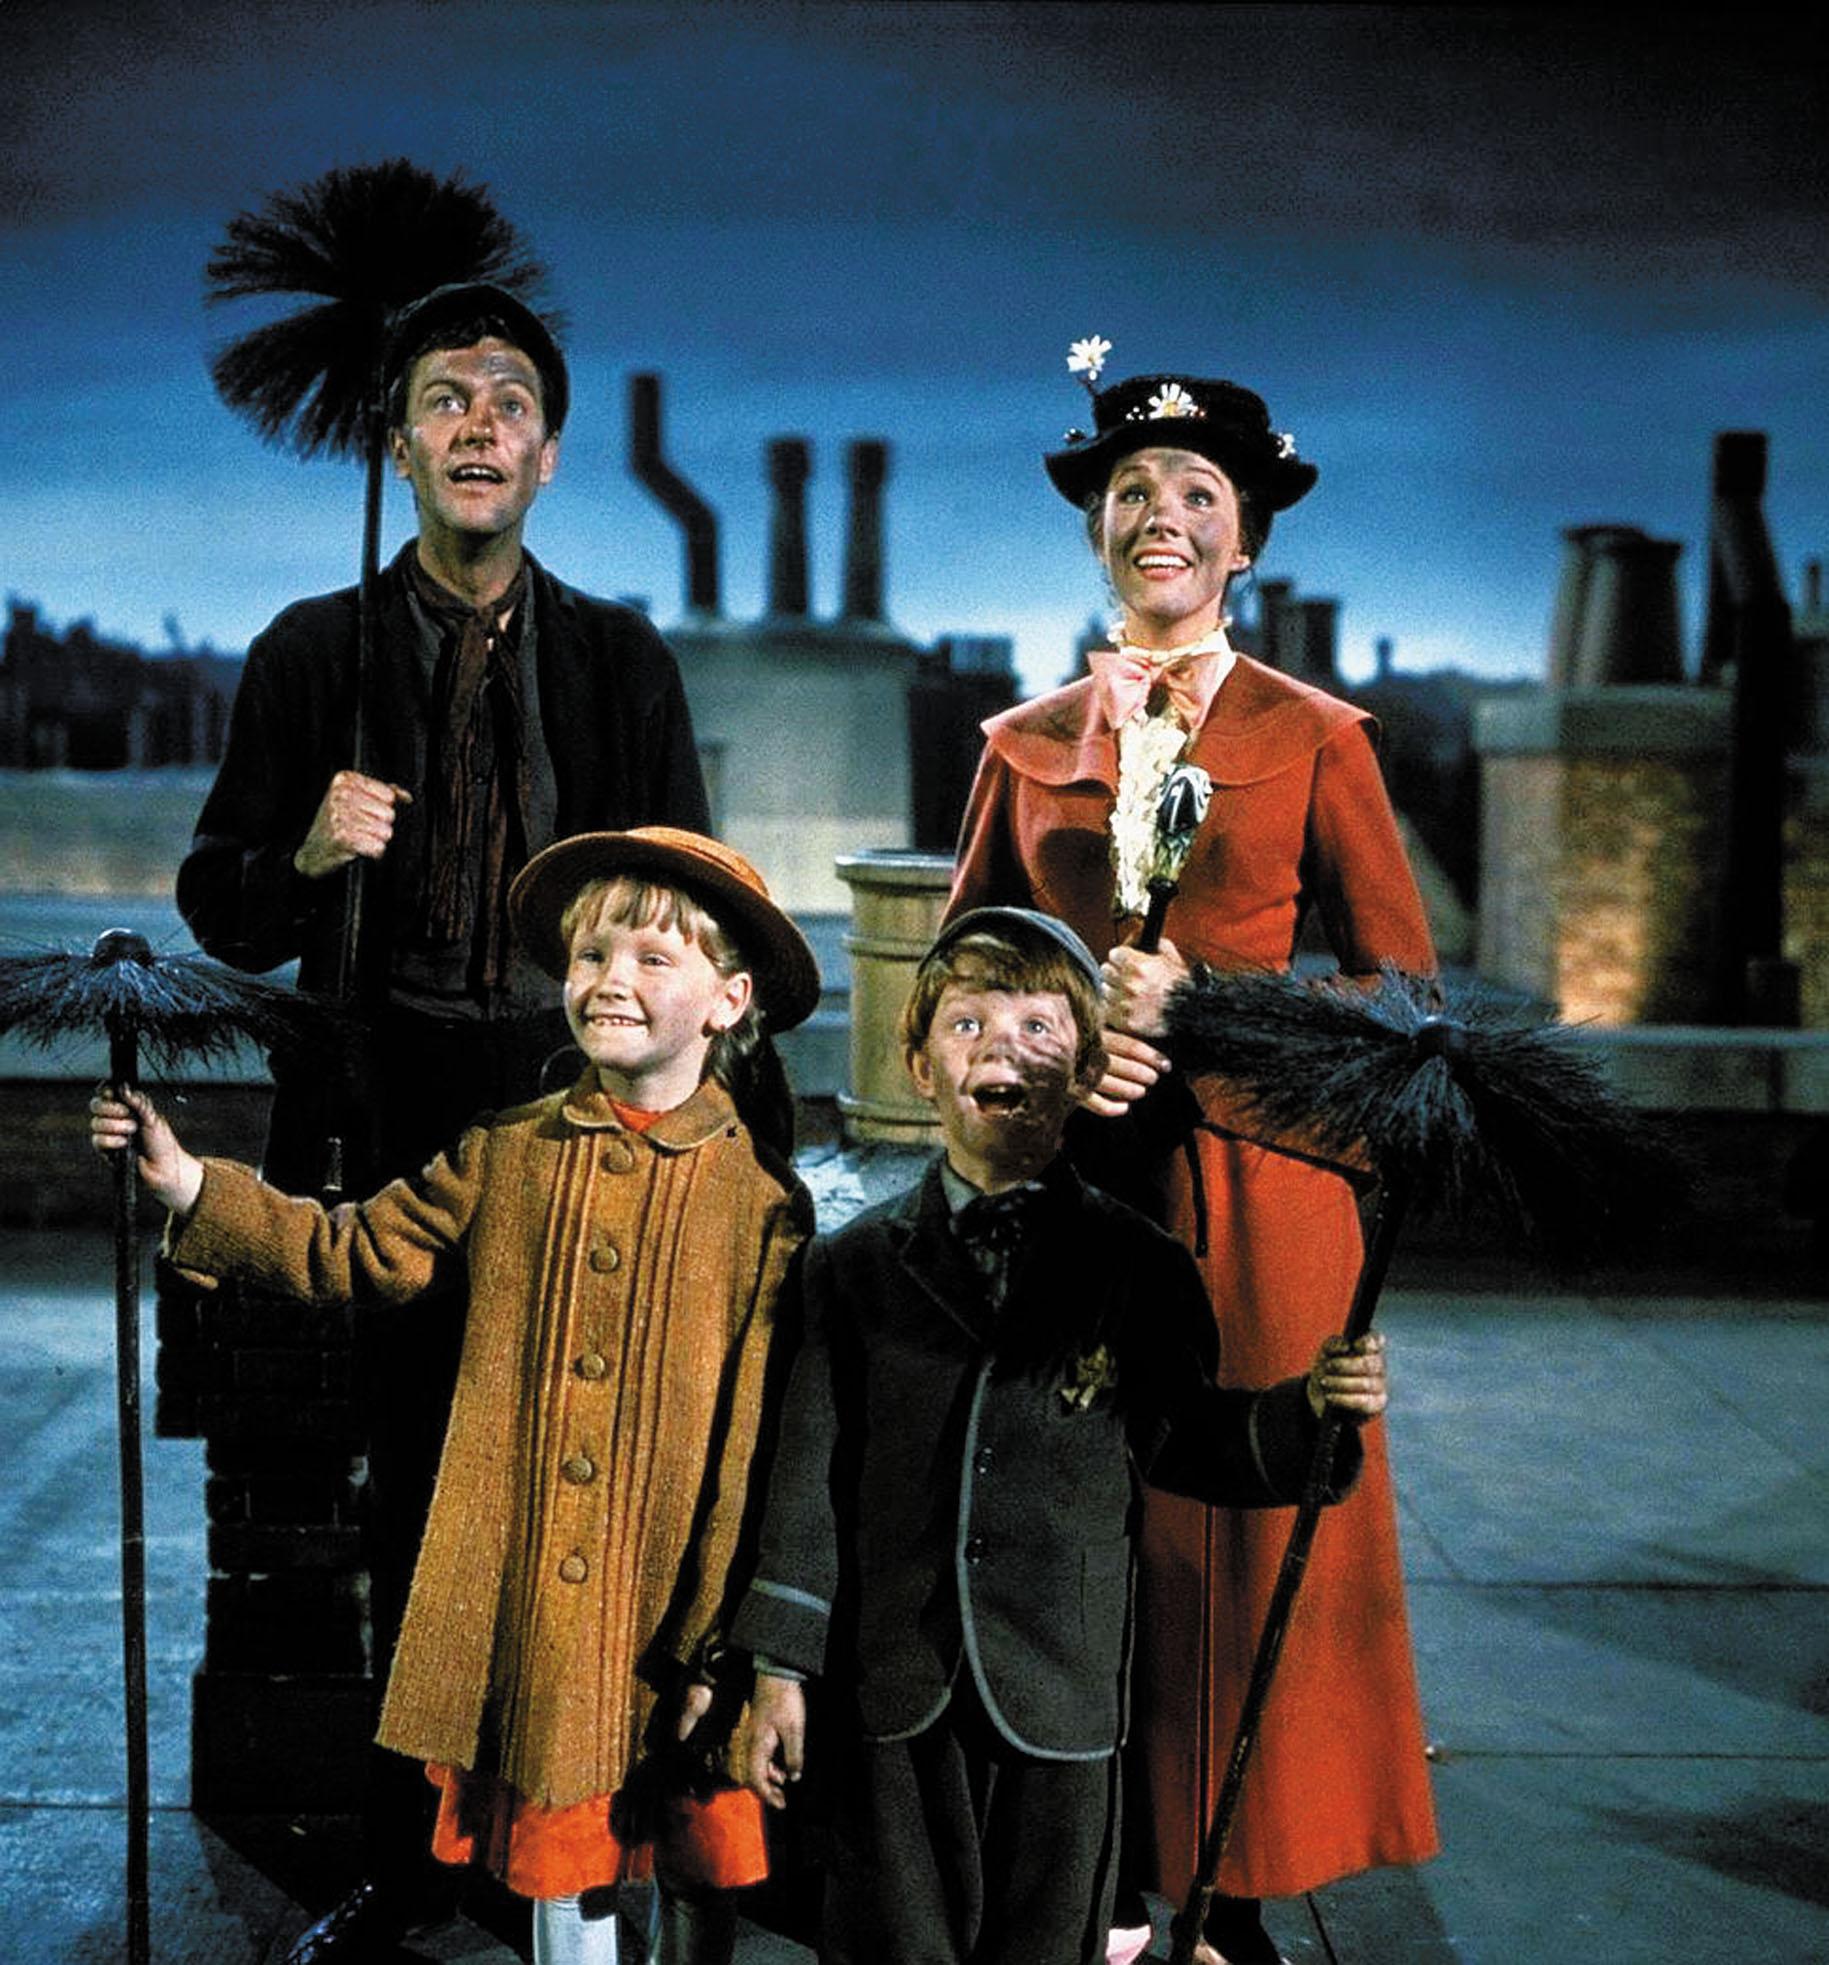 Ecco la vera storia di Mary Poppins!